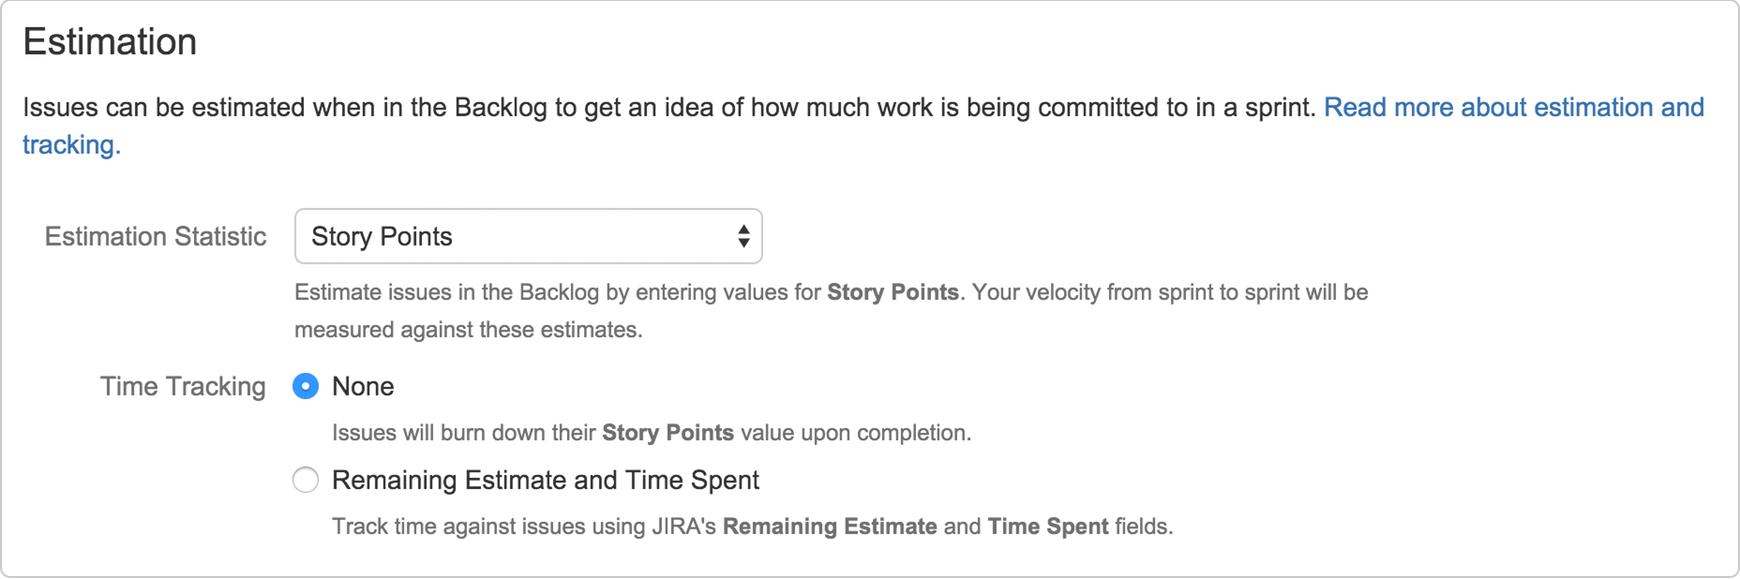 [見積もり] セクション。[見積もり統計] が [ストーリー ポイント] に、[時間管理] が [なし] に設定されています。